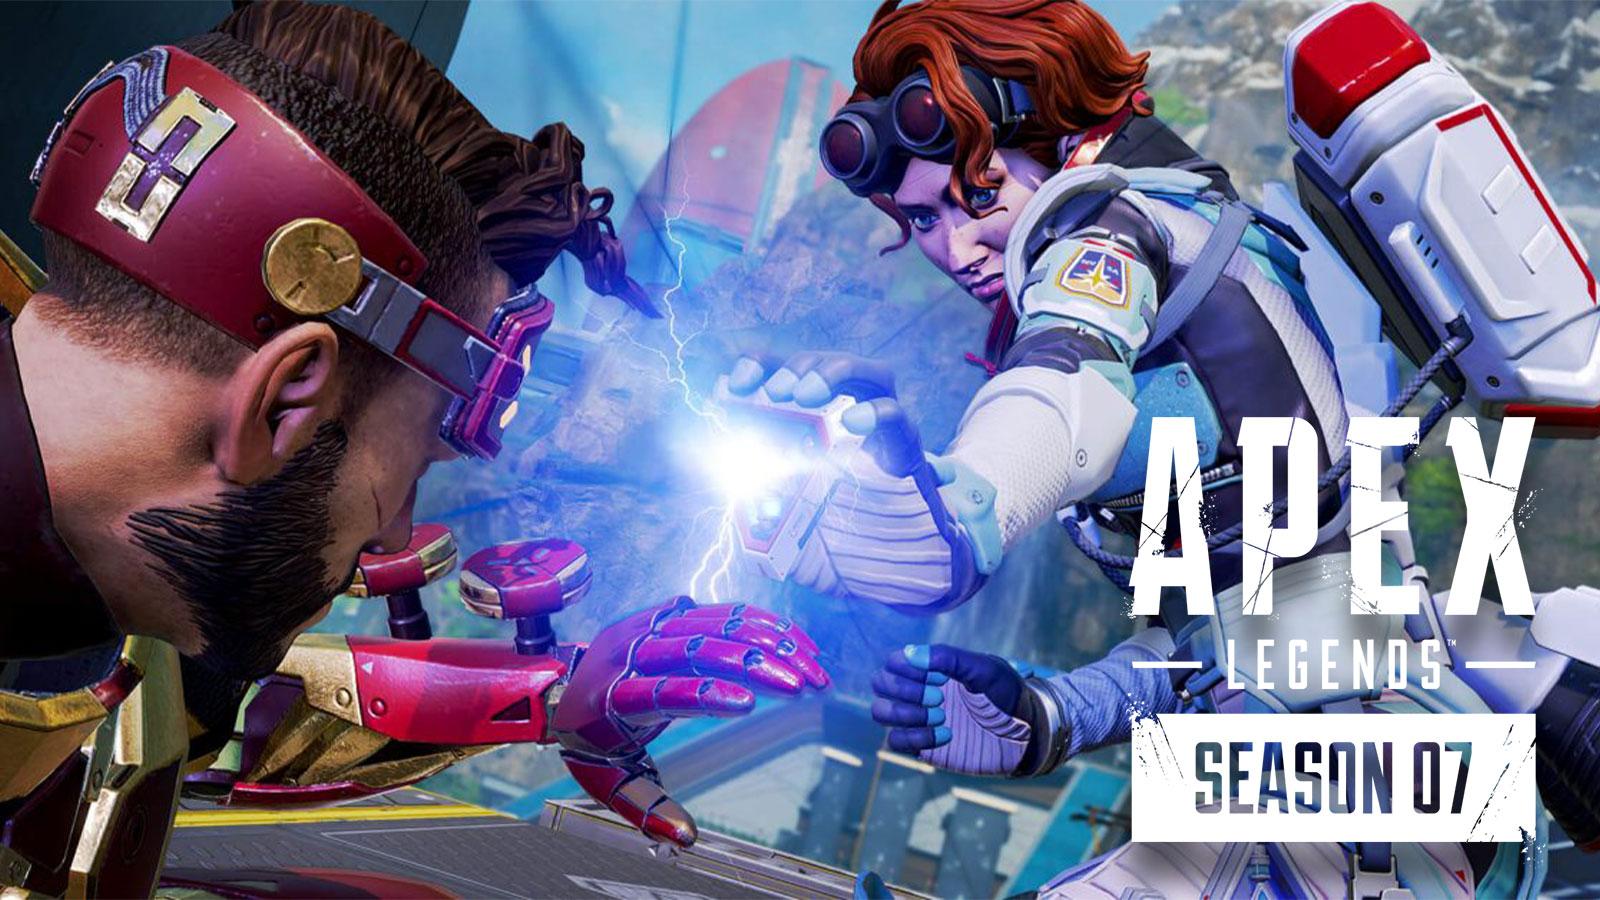 Horizon Apex Legends Season 7 leak